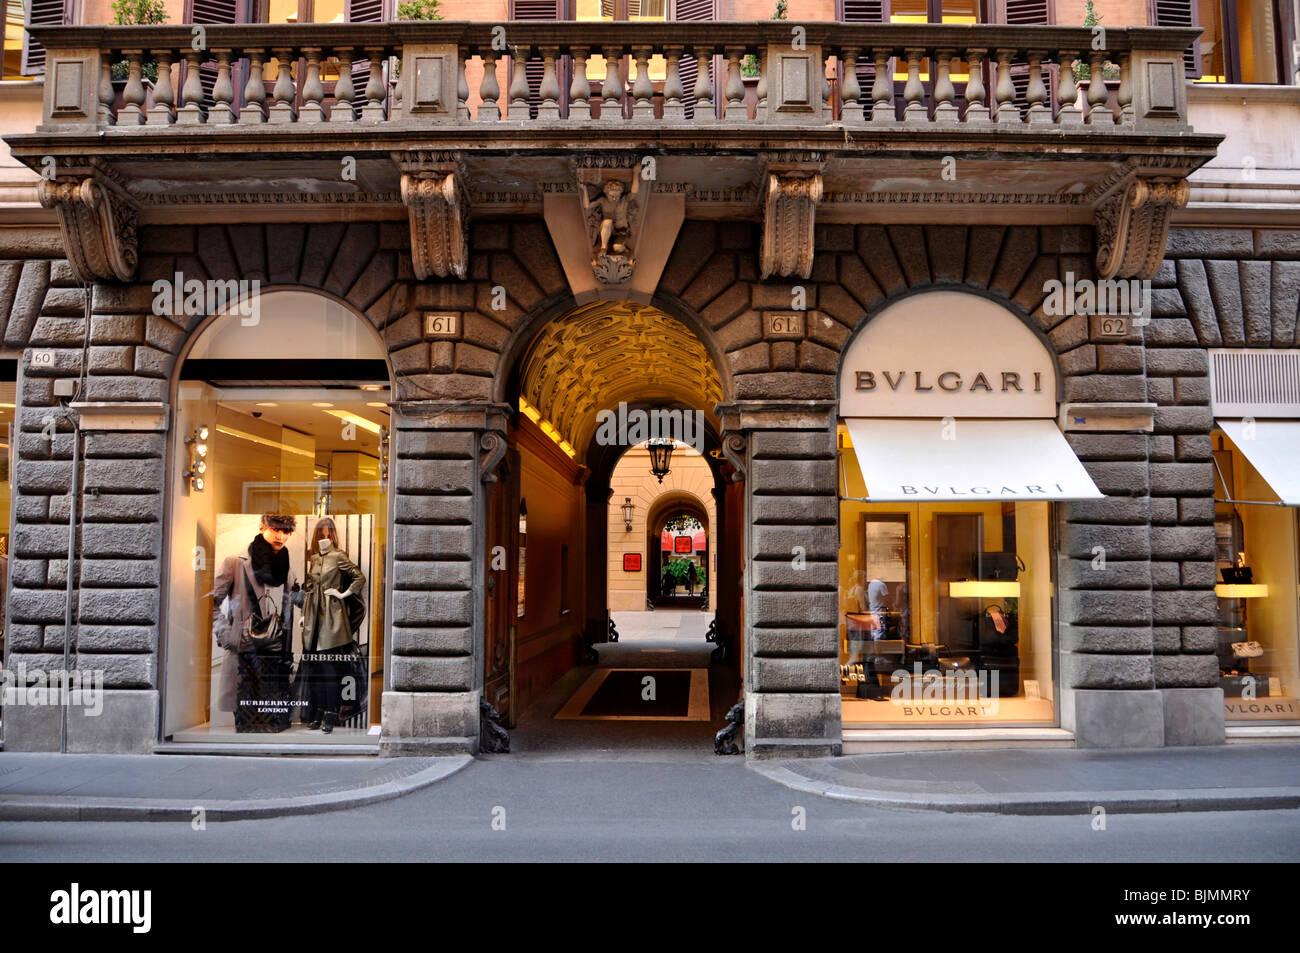 Burberry fashion store, jeweller Bulgari, Via dei Condotti, Rome, Lazio, Italy, Europe - Stock Image